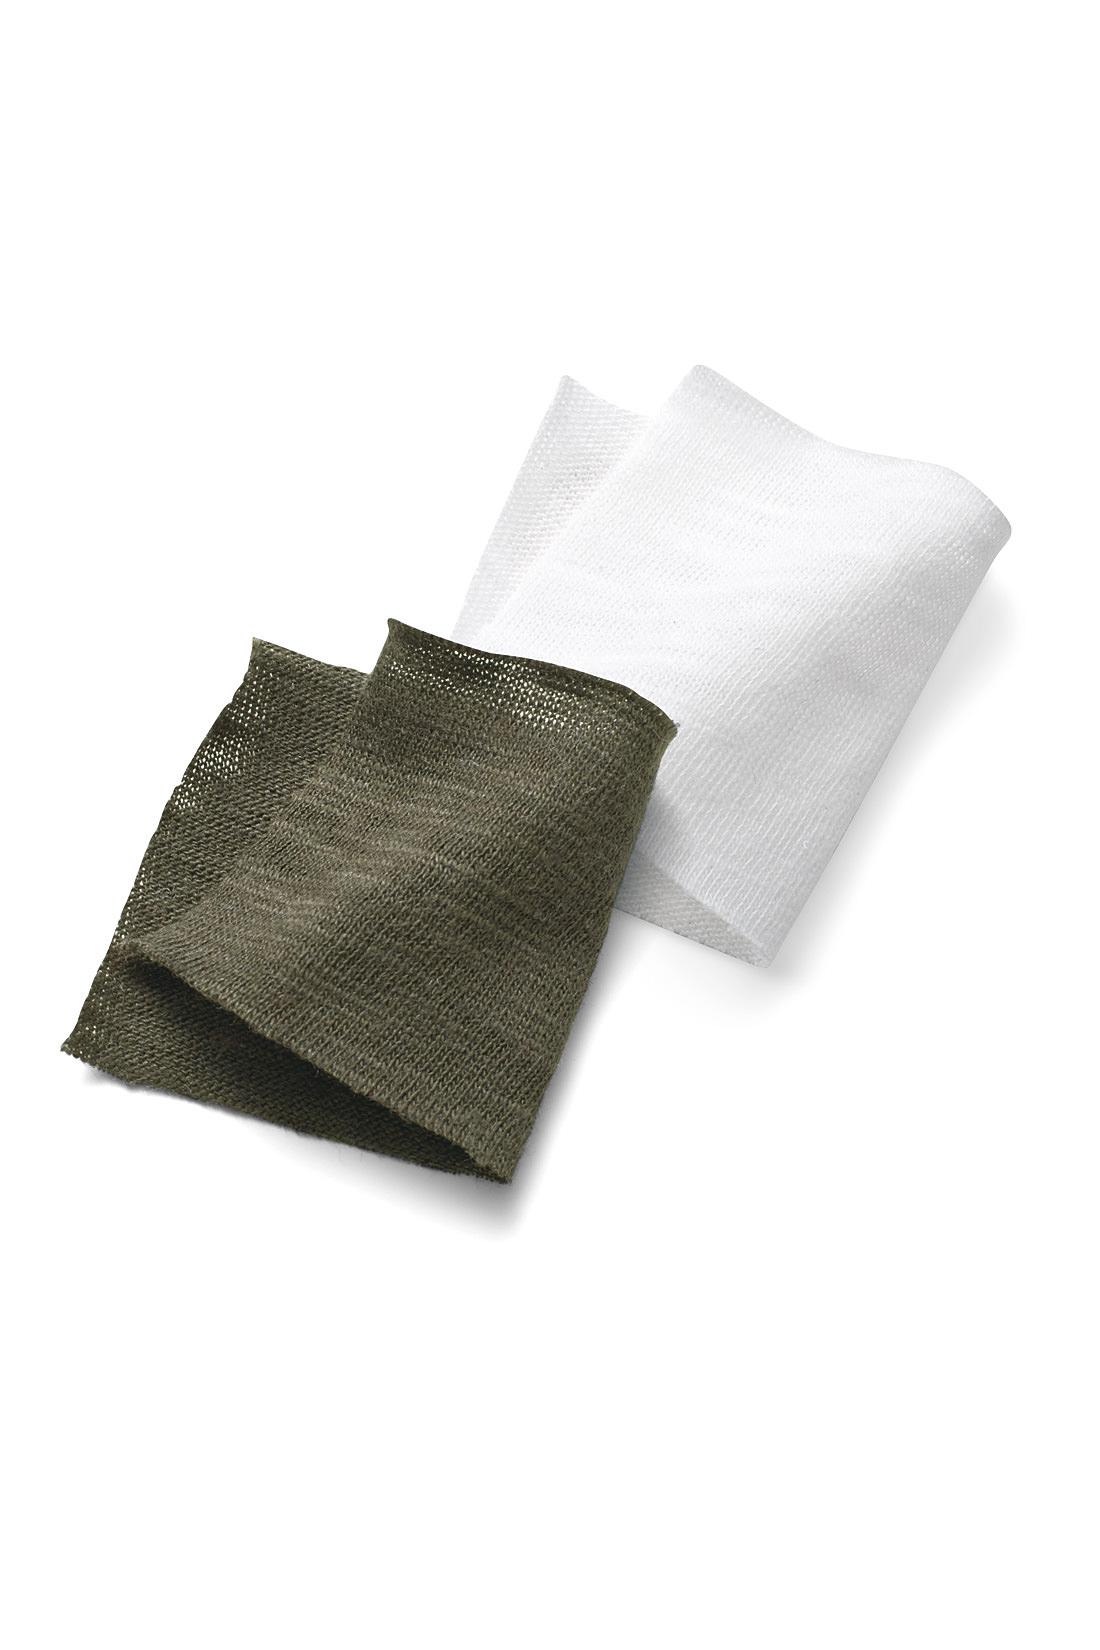 エリシルクとカリフォルニアコットンを混紡した天然素材エリナチュレ(R) エリナチュレ(R)は、キャッサバの葉を食料とするヤママユガから作られるエリシルクとカリフォルニアコットンを混紡し、日本の敷島糸工房で紡績した日本製の糸。養蚕事業に取り組む東南アジアの自主発展も支援。シルク混ならではのさらりと涼やかな着心地が特長です。 ほのかな透け感のあるやわらかなスラブ調カットソー素材で着心地抜群。